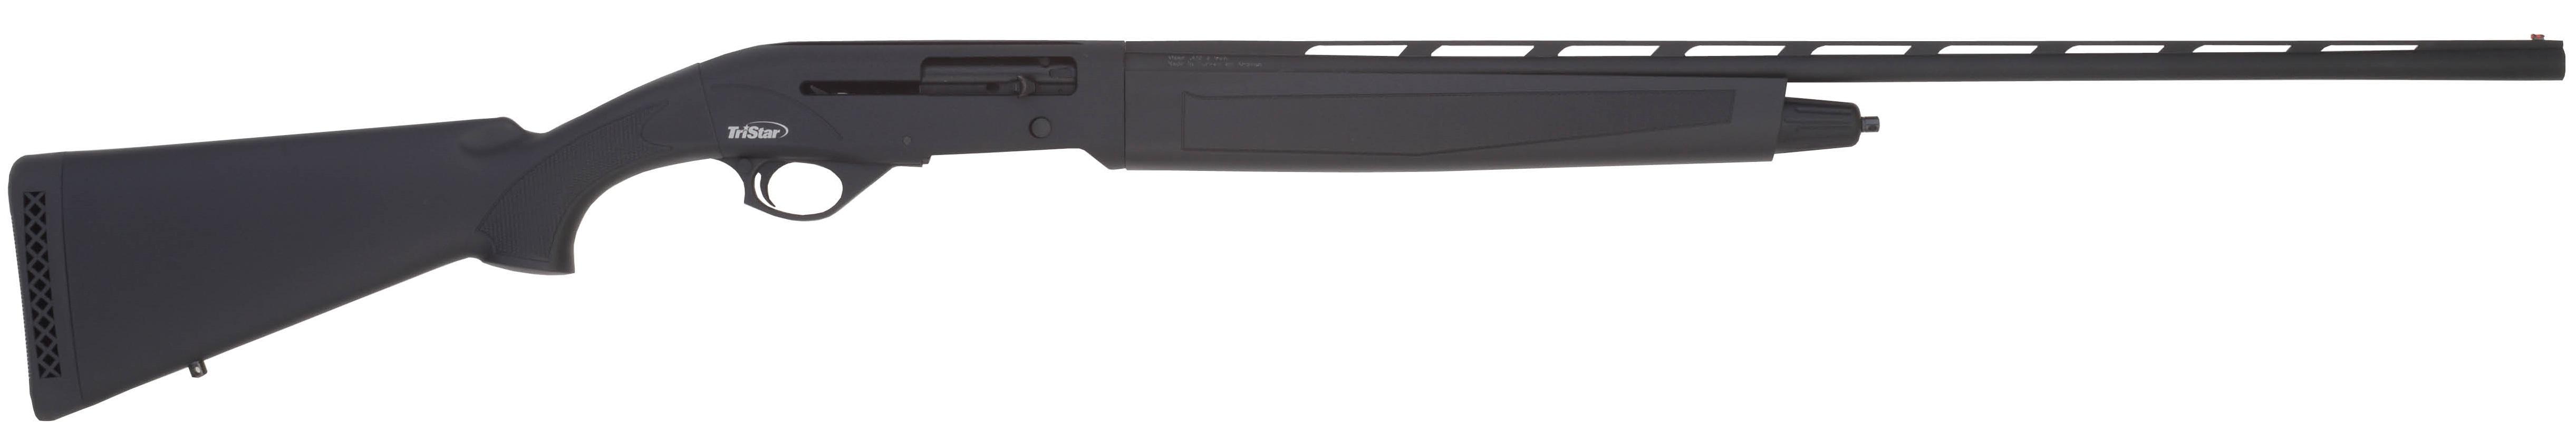 TriStar Sporting Arms Viper G2 410 Bore